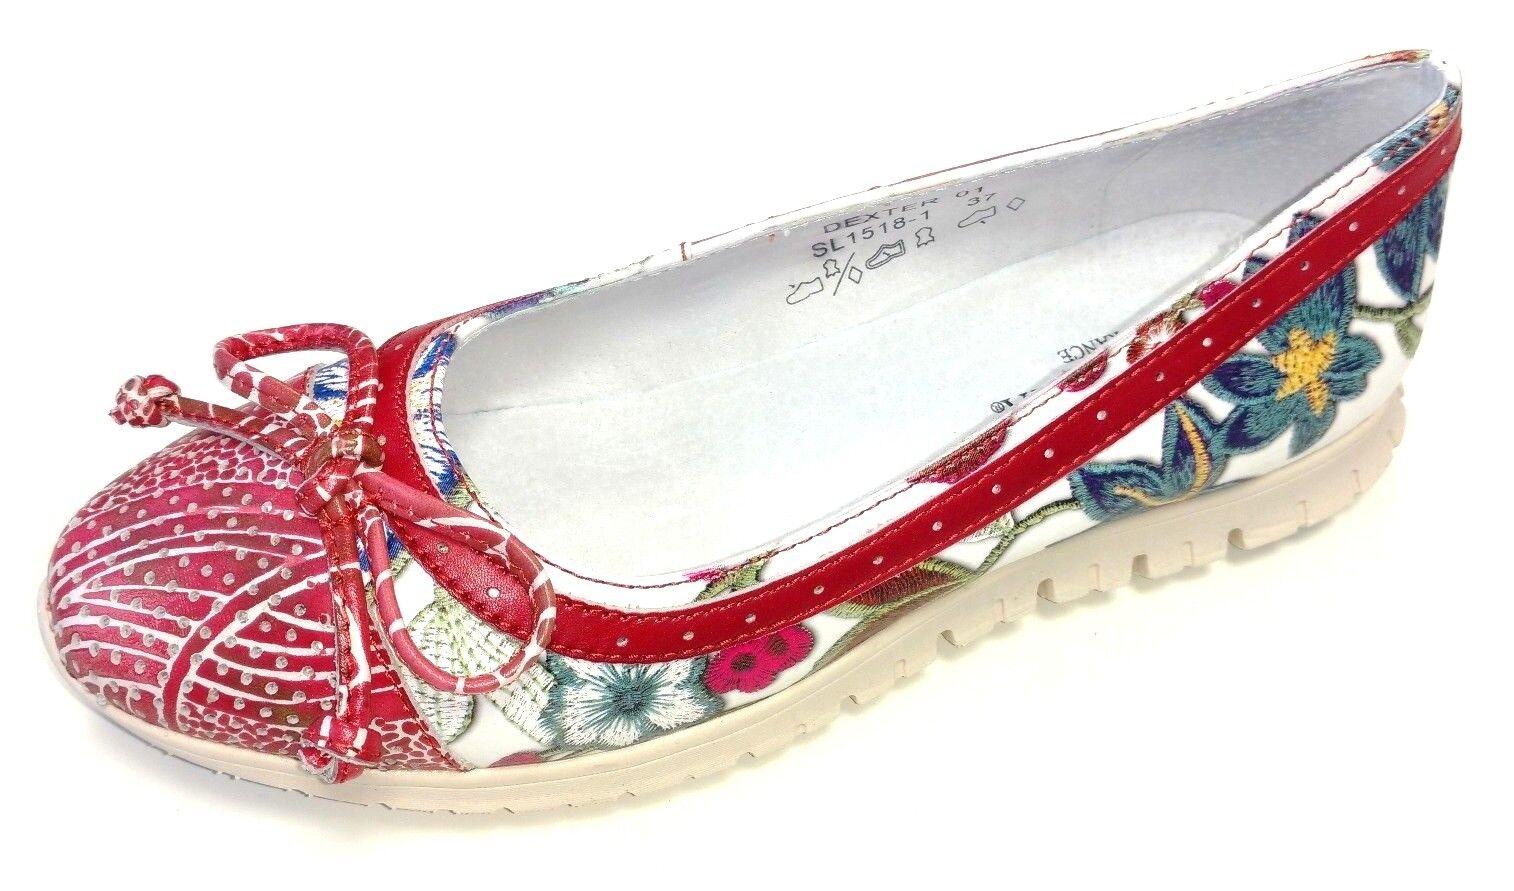 Laura Vita Damen Schuhe Slipper Halbschuh Ballerina Dexter 01 01 01 SL1518-1 rot a97b09